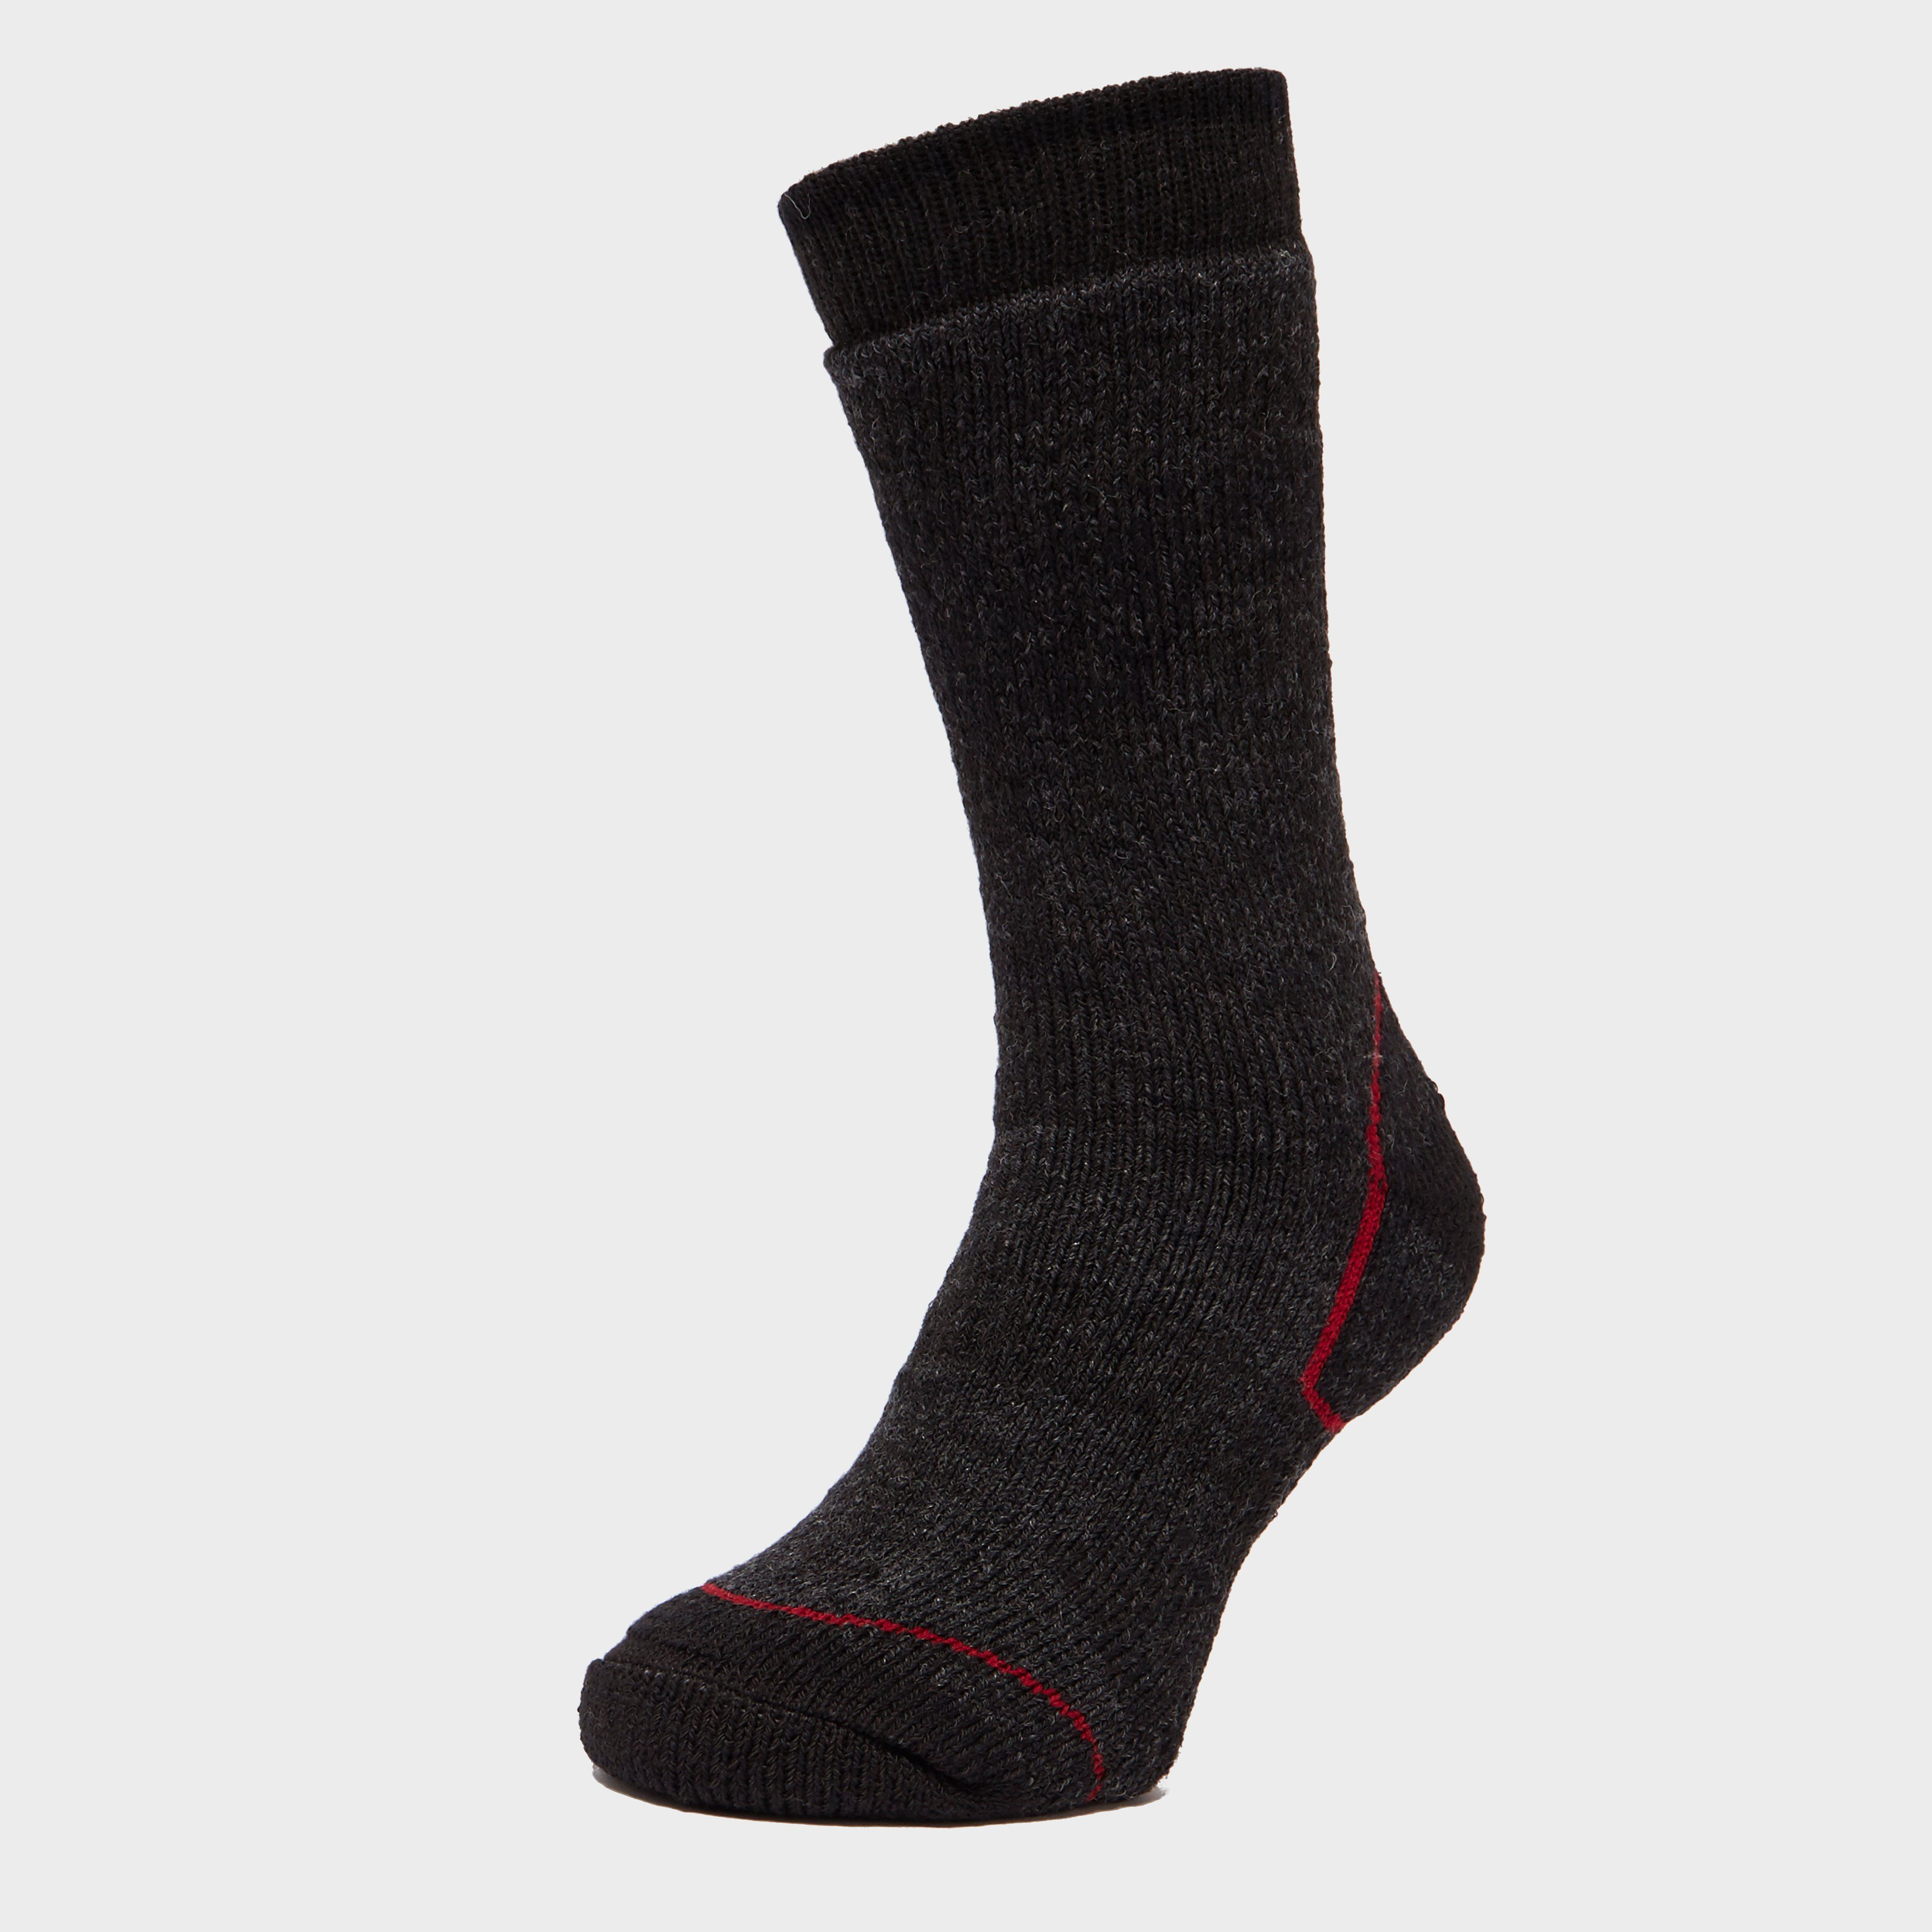 BRASHER Men's Trekker Plus Socks